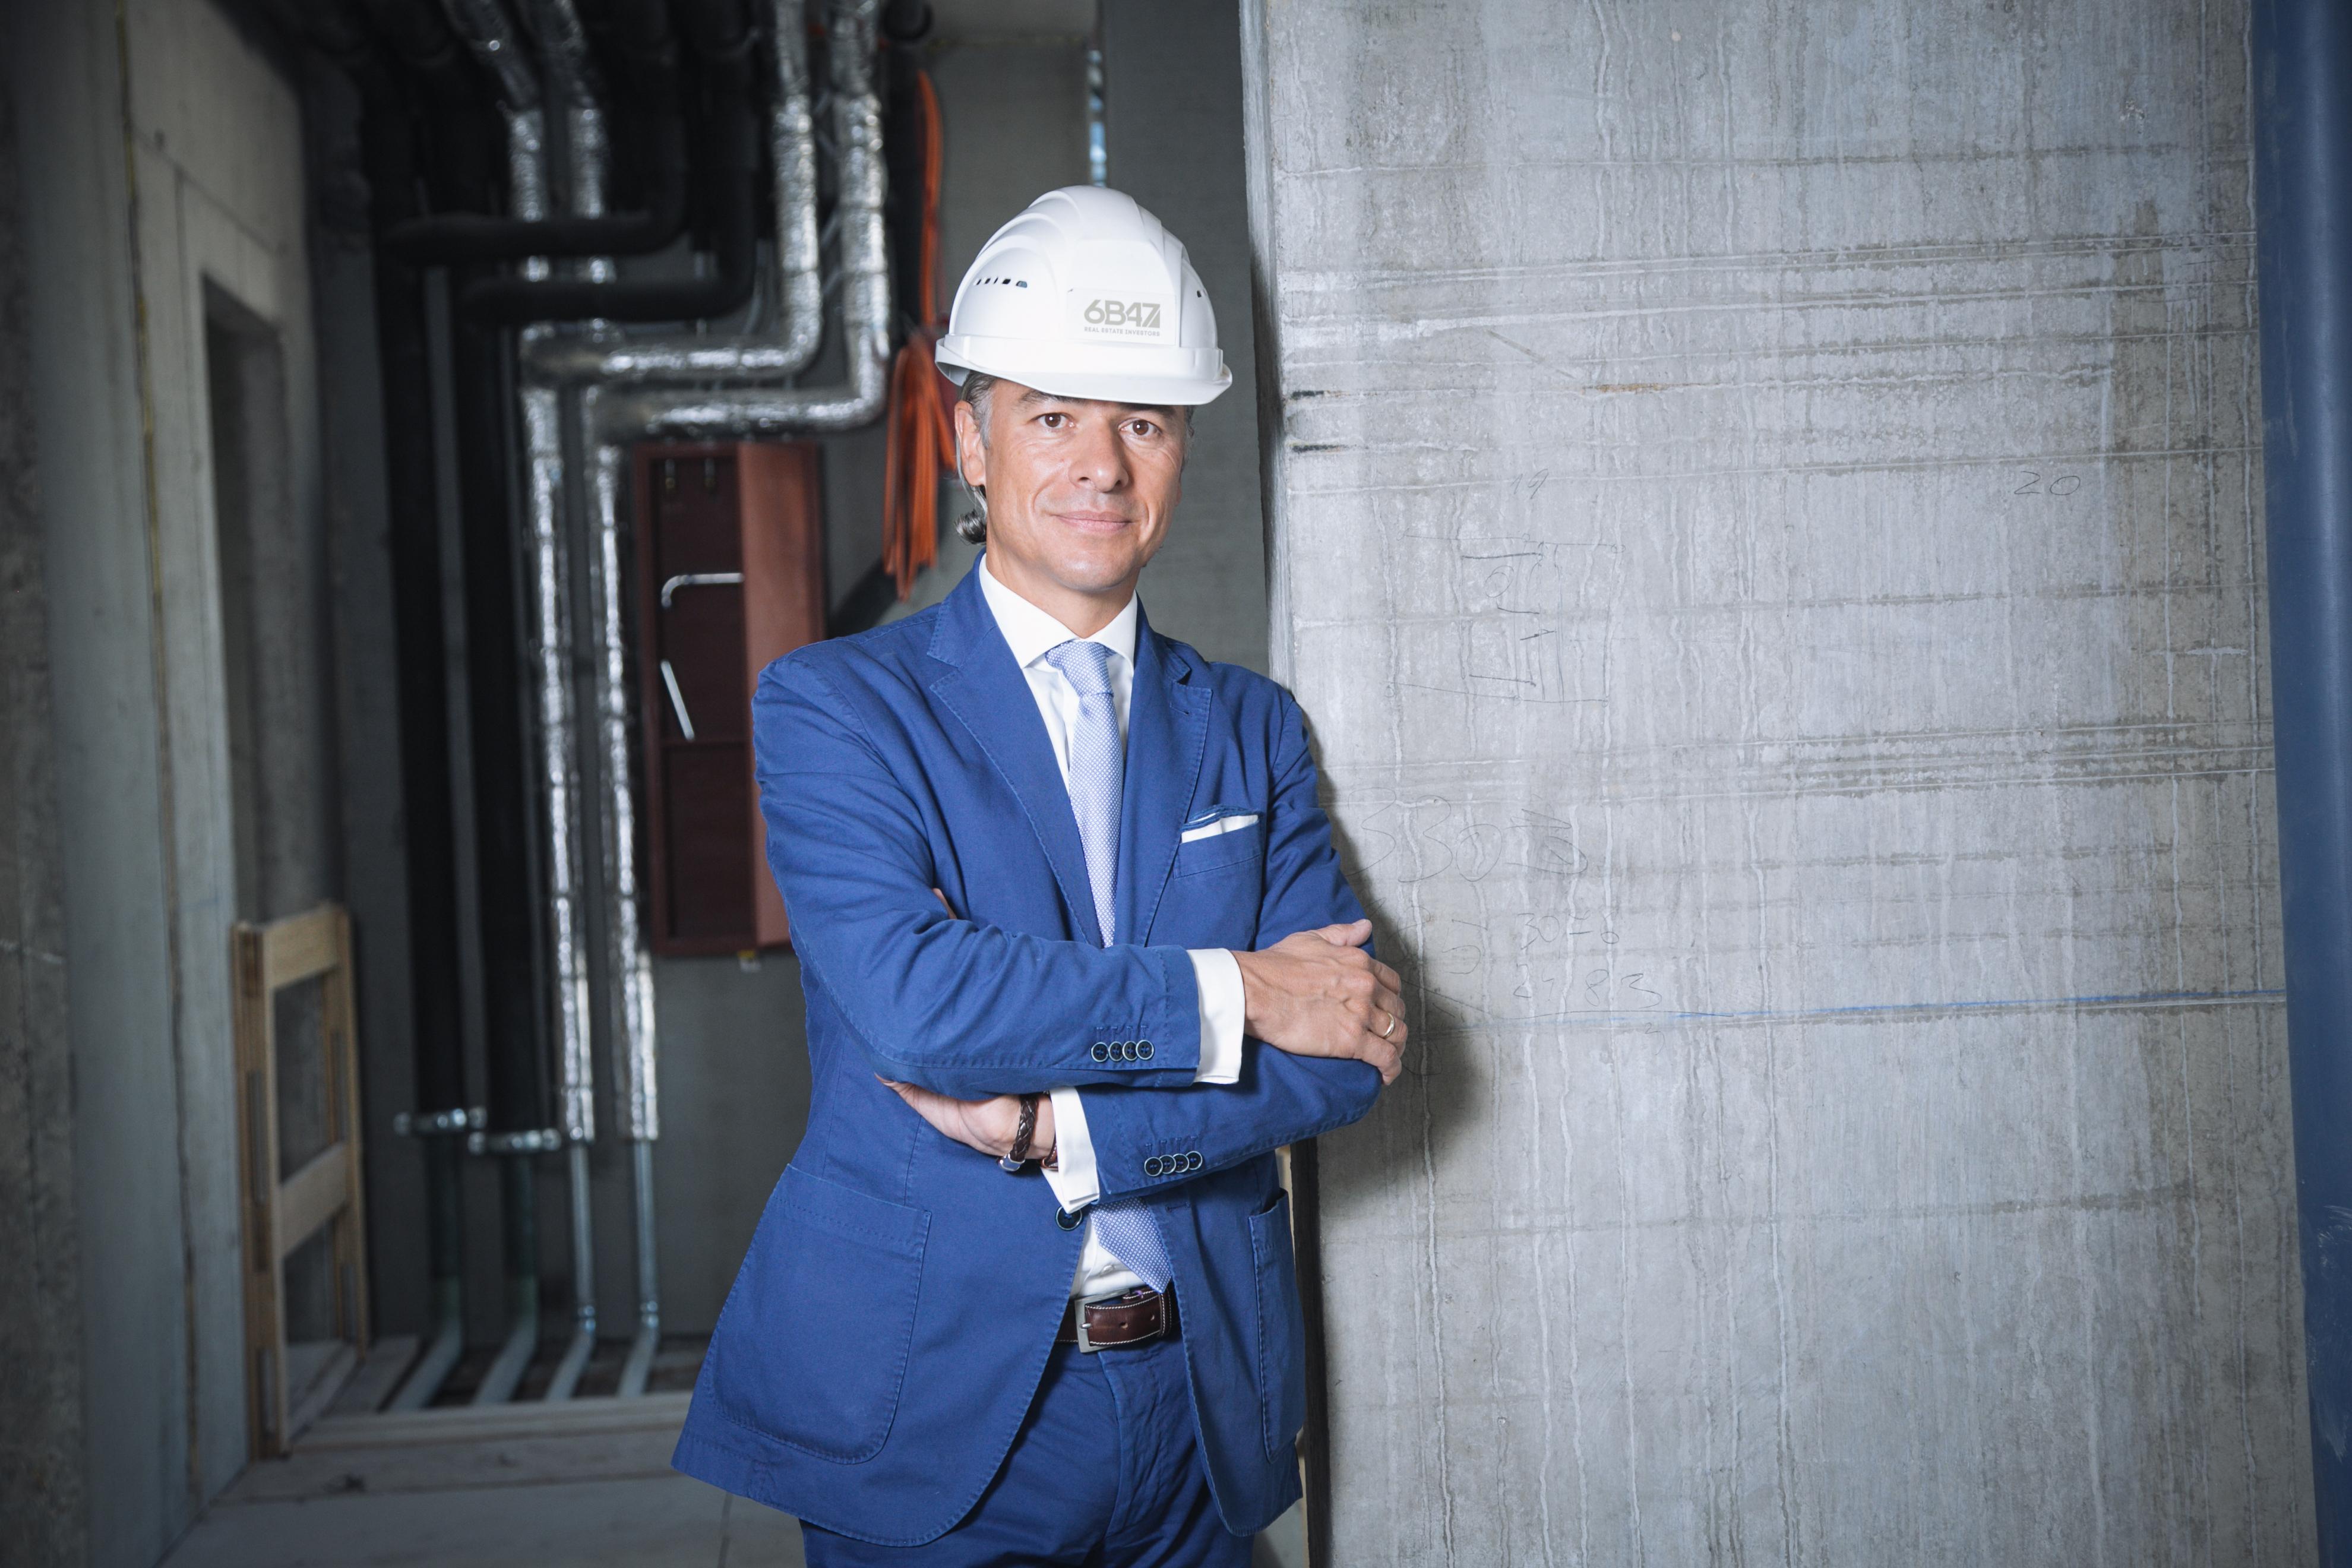 6B47 CEO Peter Ulm vor Abgang?